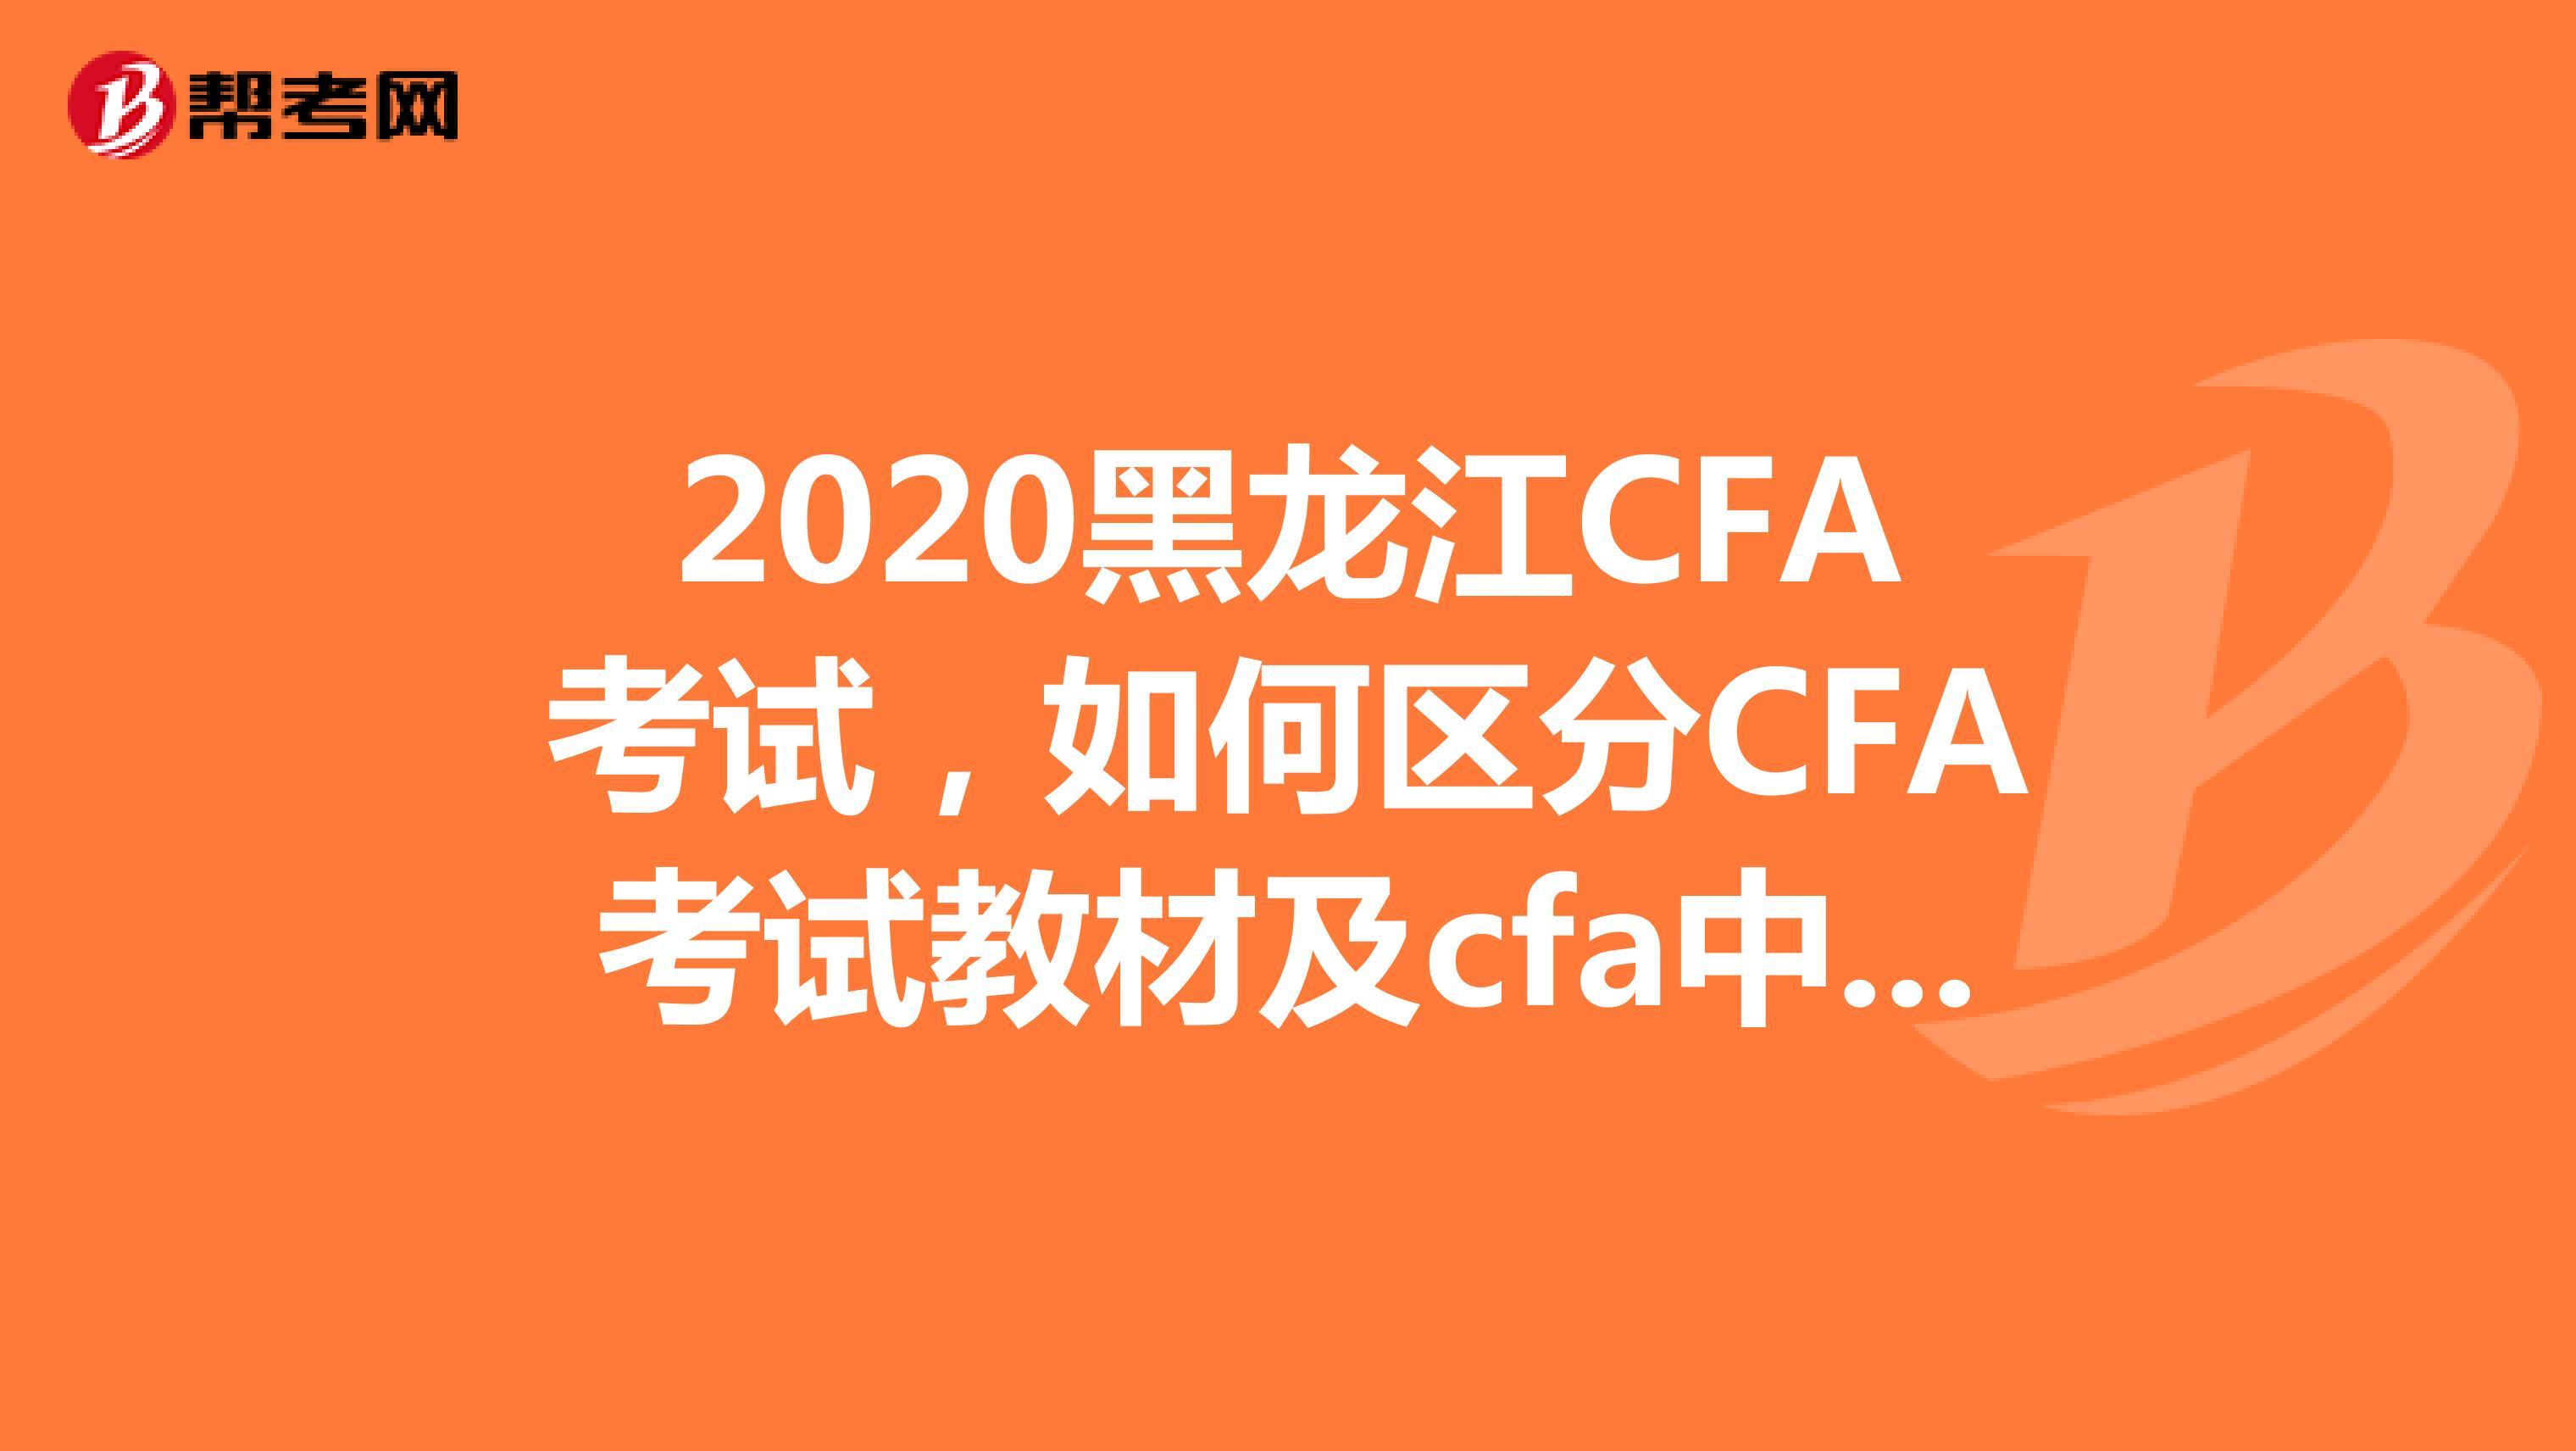 2020黑龙江CFA考试,如何区分CFA考试教材及cfa中文教材?